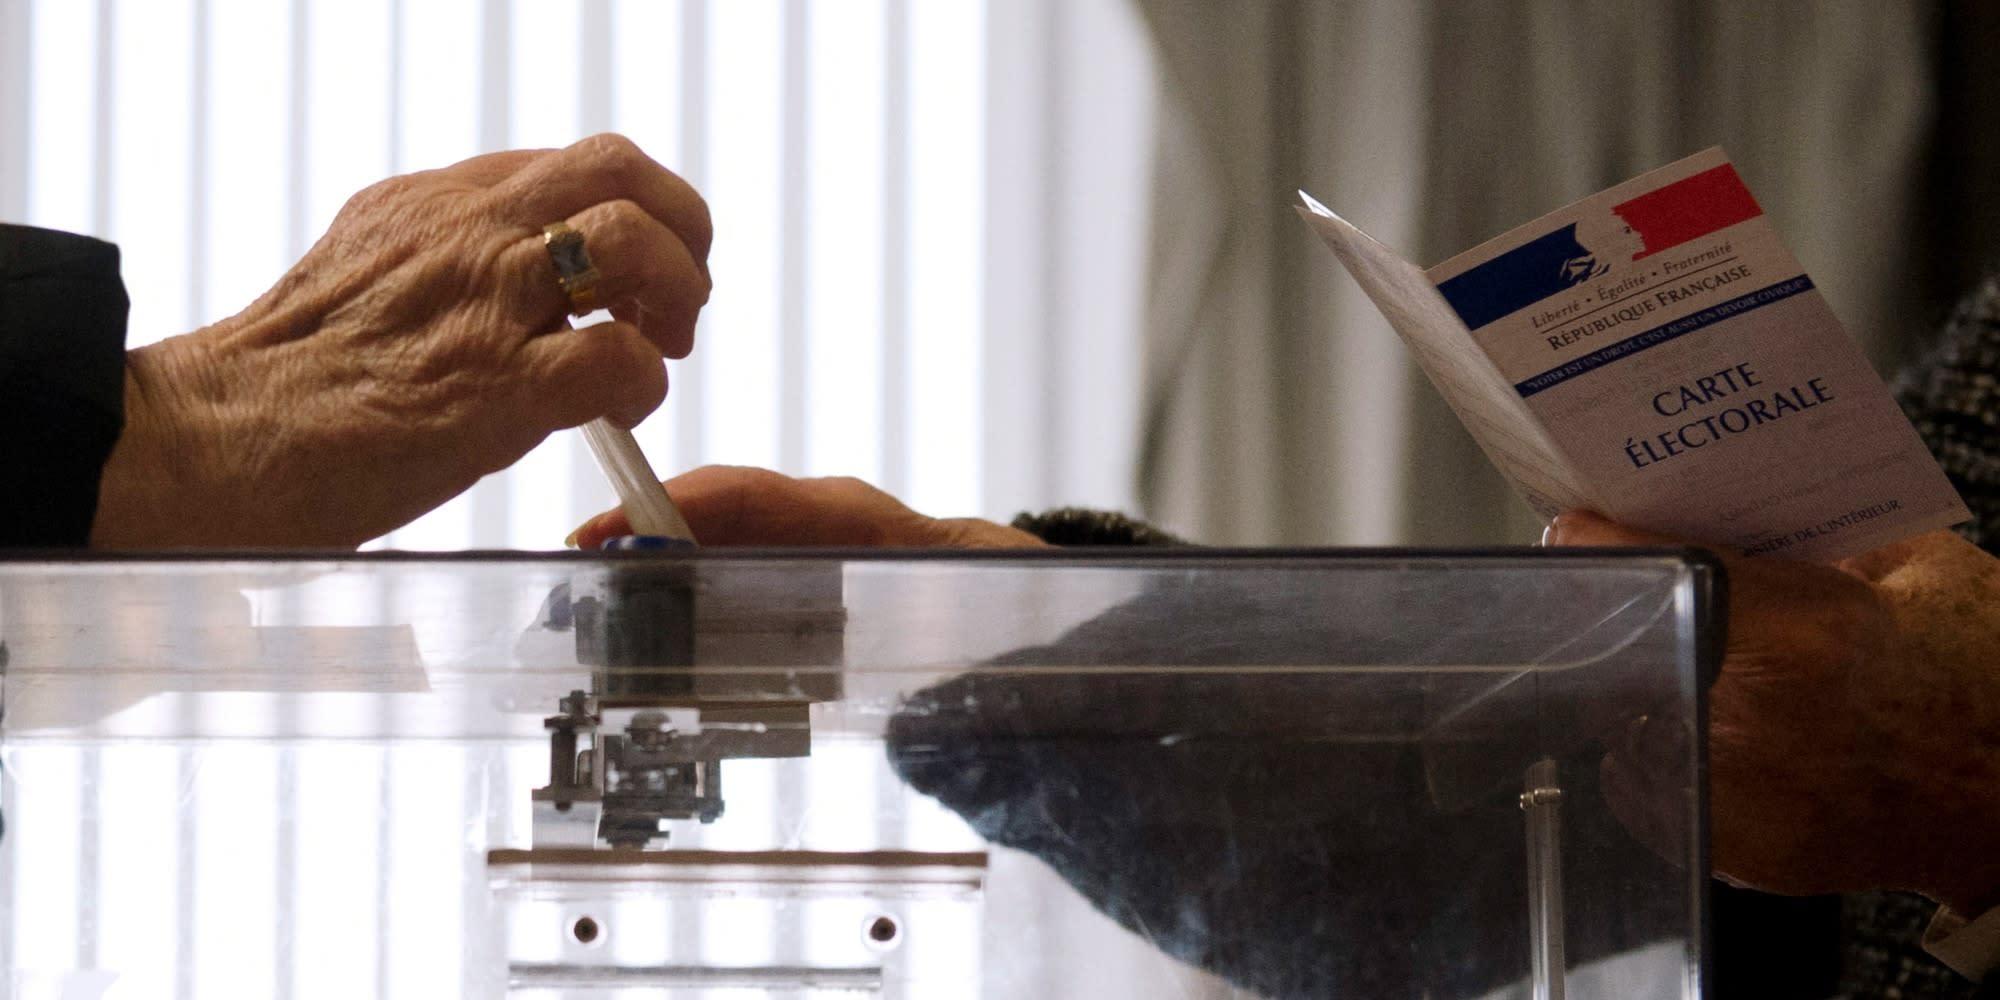 Présidentielle 2022 : les Français de plus en plus à droite, selon une enquête